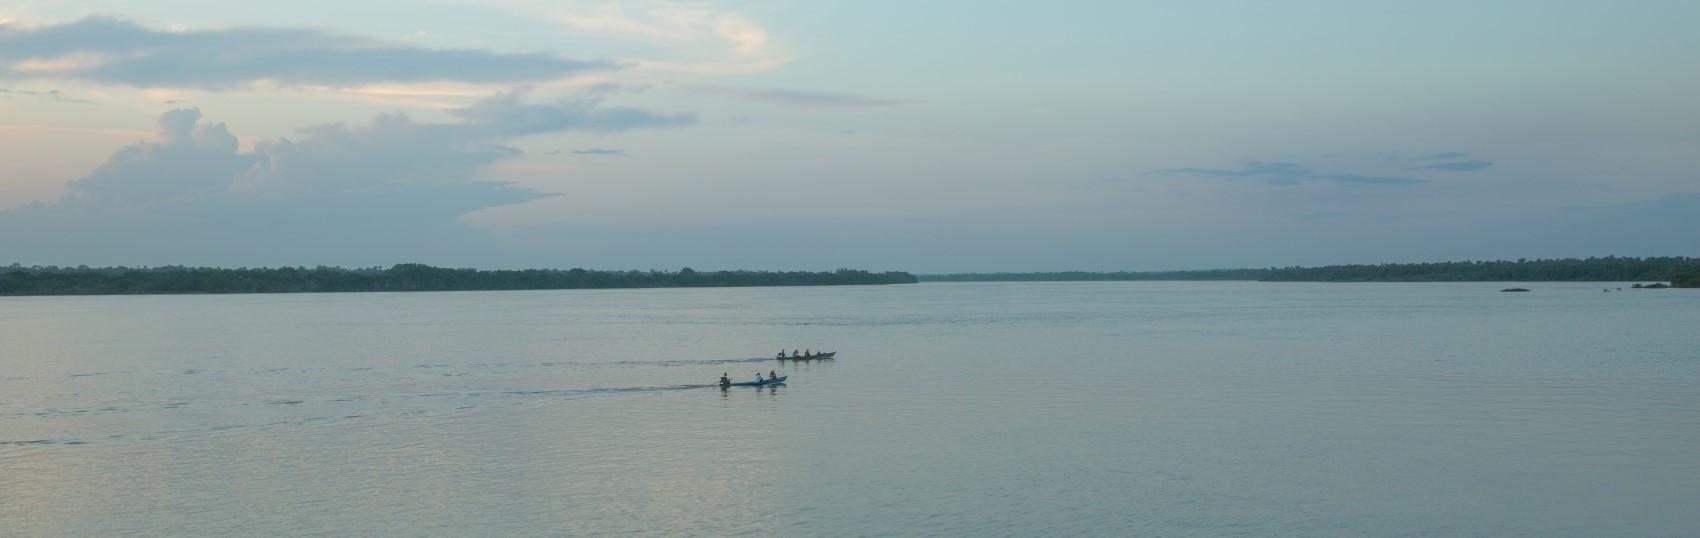 Duas Canoas - TO - Brasil